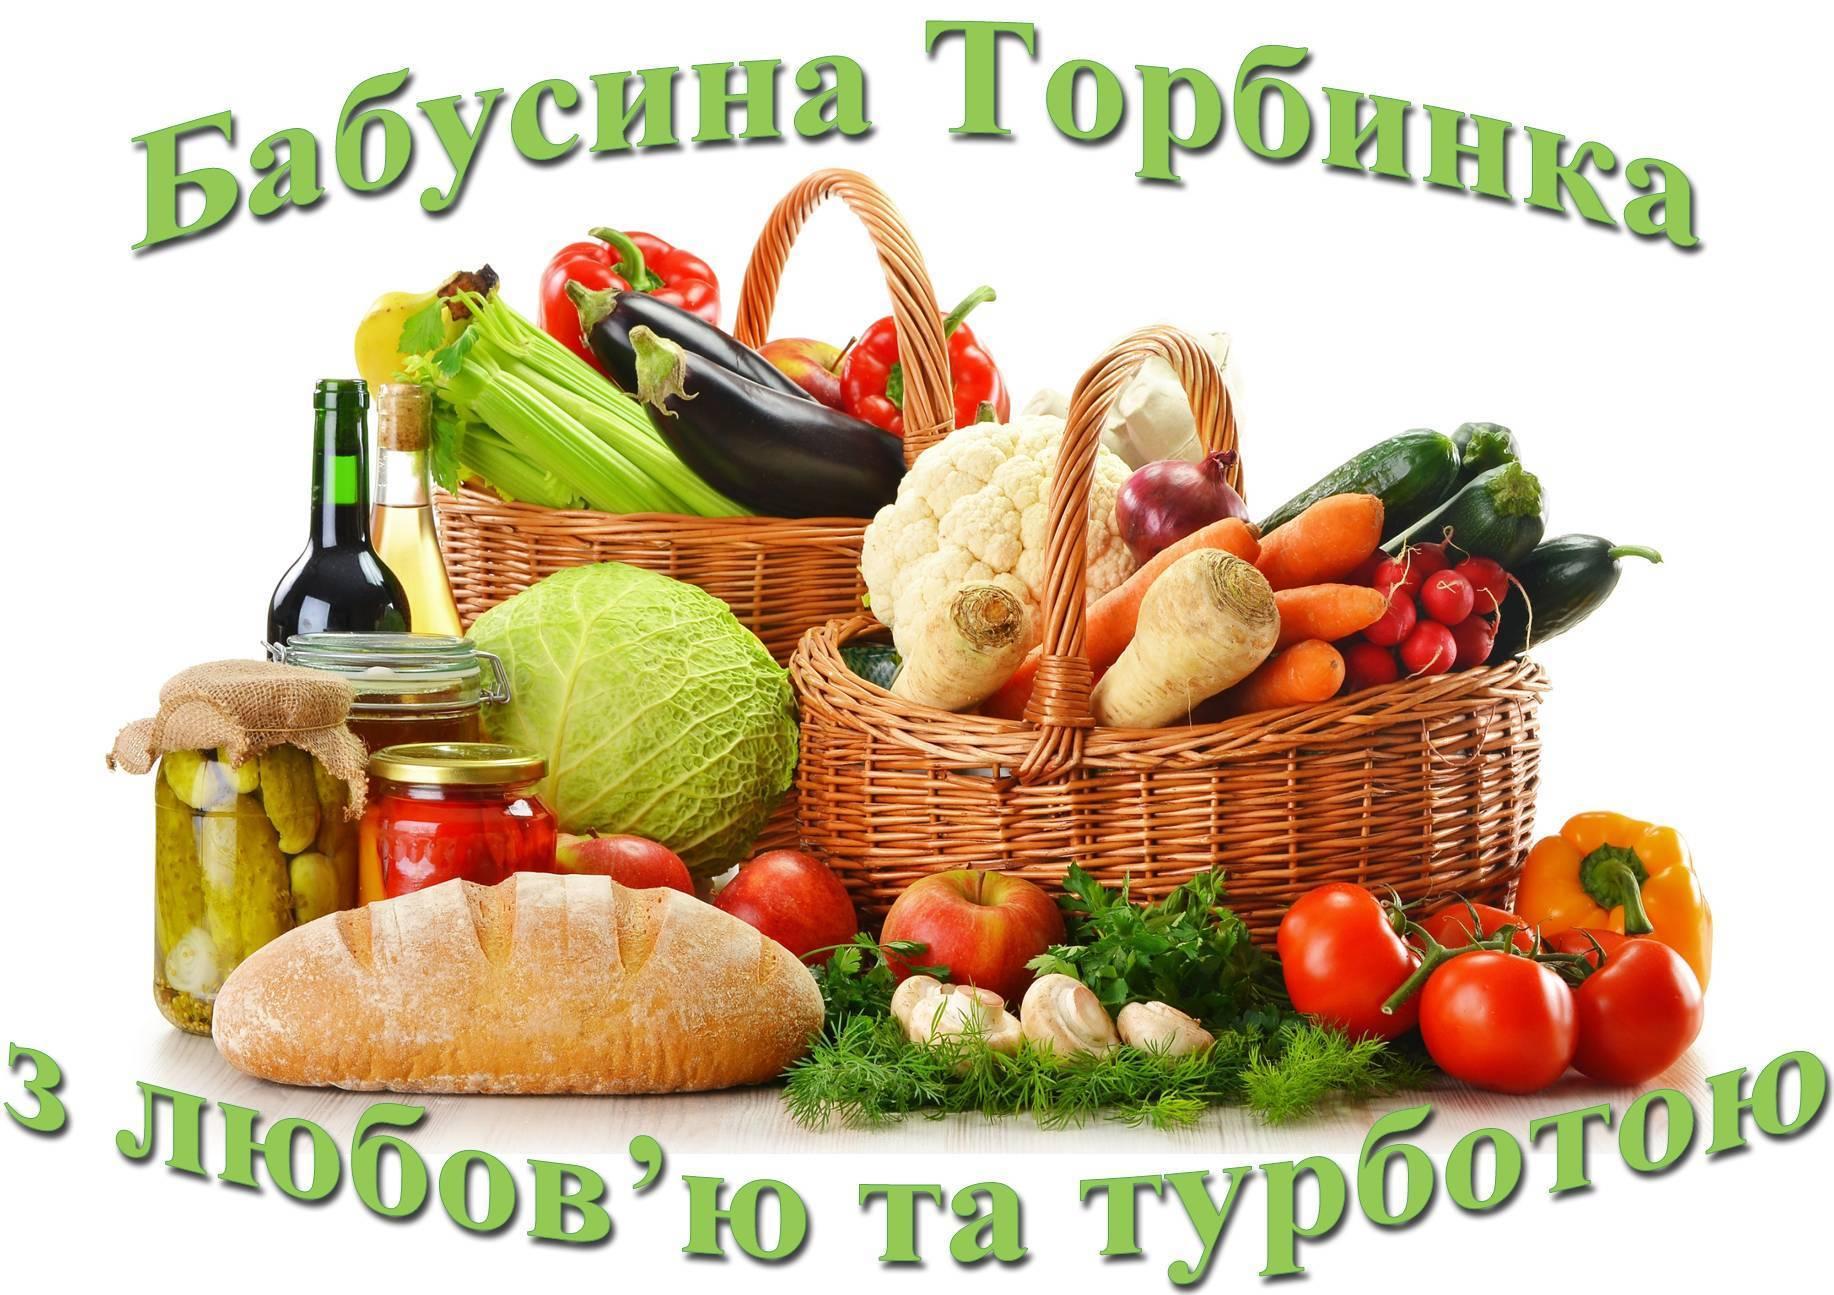 Алкогольные диеты для похудения - лучшие рецепты от gemrestoran.ru